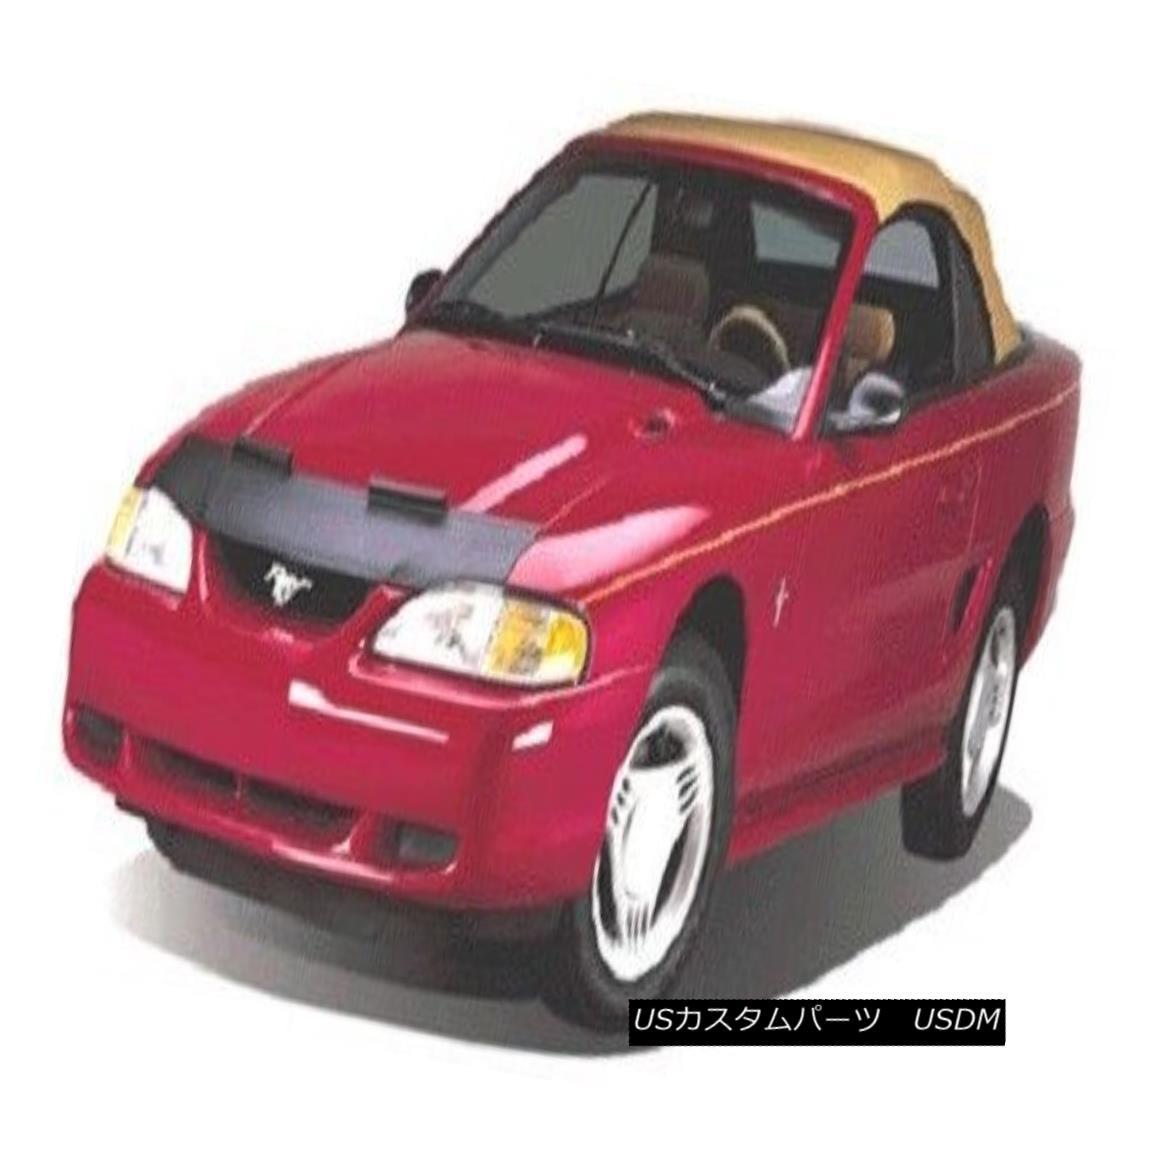 フルブラ ノーズブラ Lebra Hood Protector Mini Mask Bra Fits 2000-2002 Chevrolet Monte Carlo LS & SS Lebraフードプロテクターミニマスクブラは2000-2002シボレーモンテカルロLS& SS